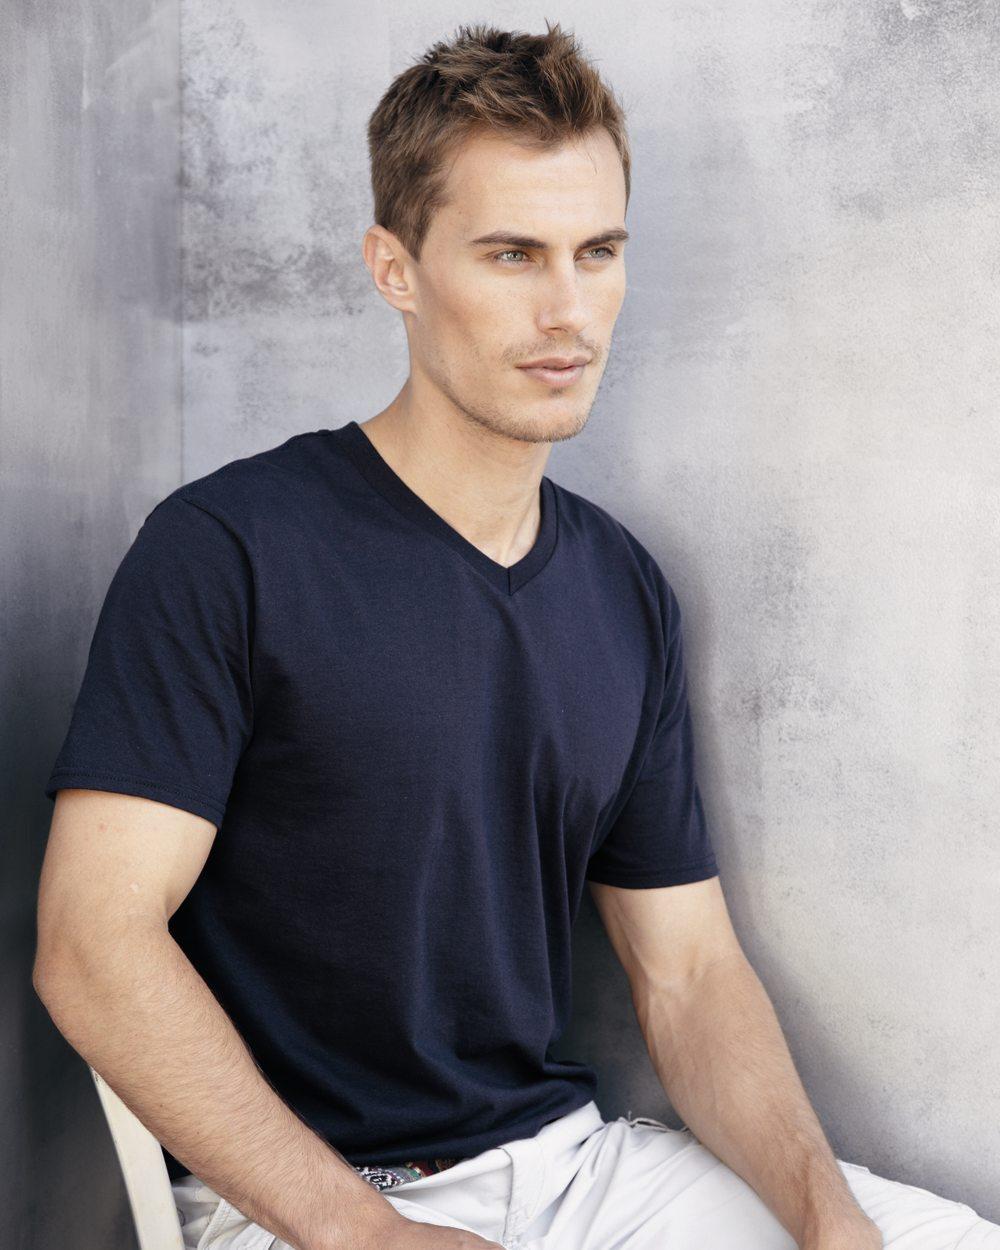 e10f0de72764 Gildan V-Neck T-Shirt 100% Cotton-Shirt-Item #64V00 – Big Bear ...